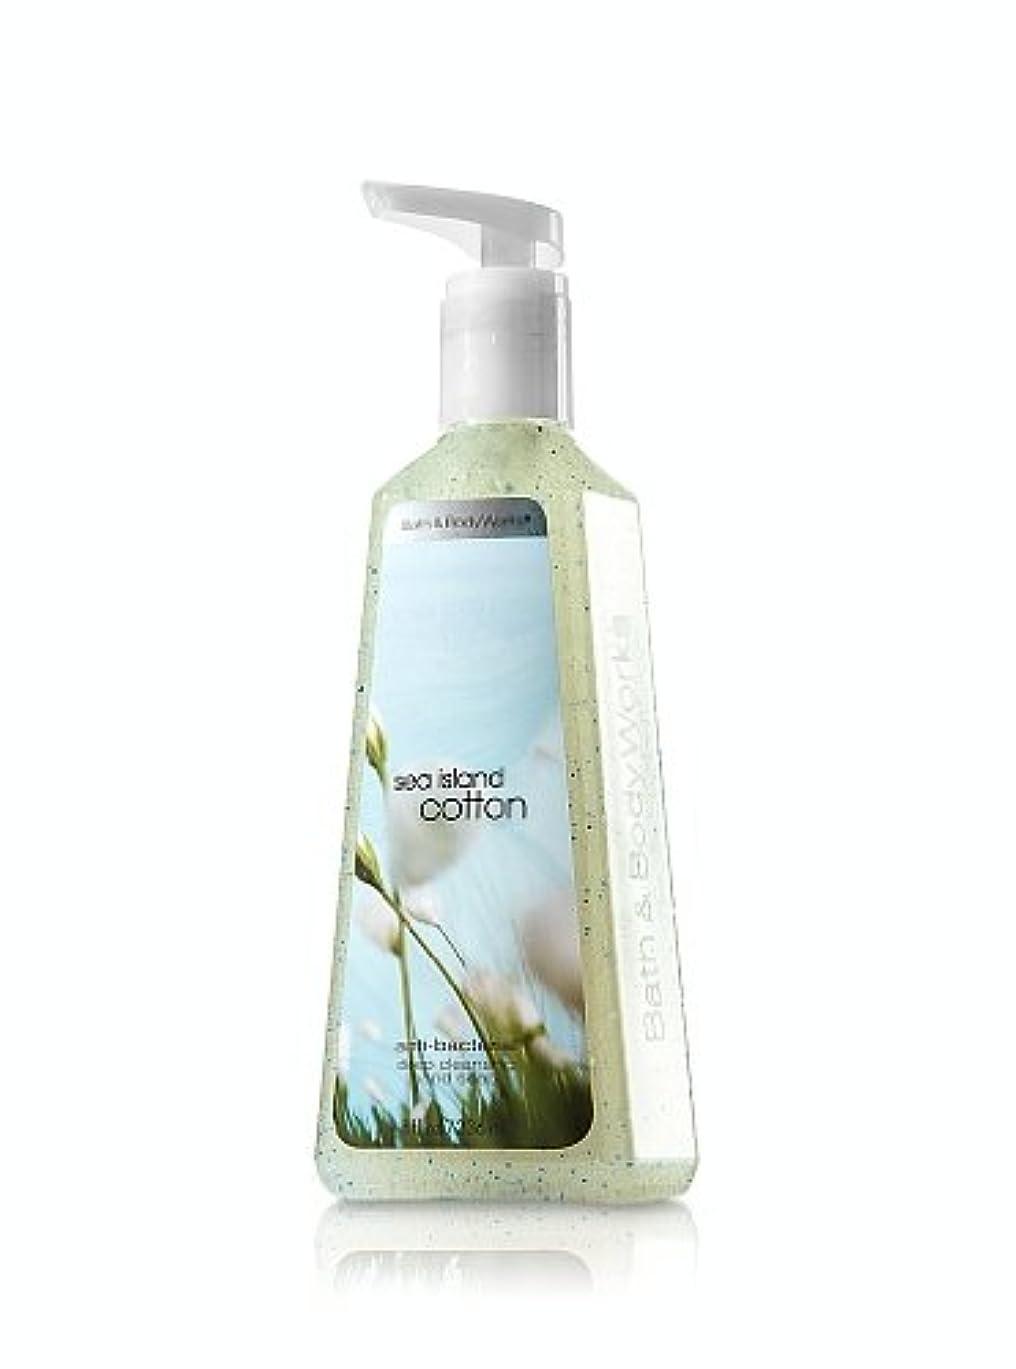 依存スチール大破バス&ボディワークス シーアイランドコットン ディープクレンジングハンドソープ Sea Island Cotton Deep Cleansing Hand Soap [並行輸入品]